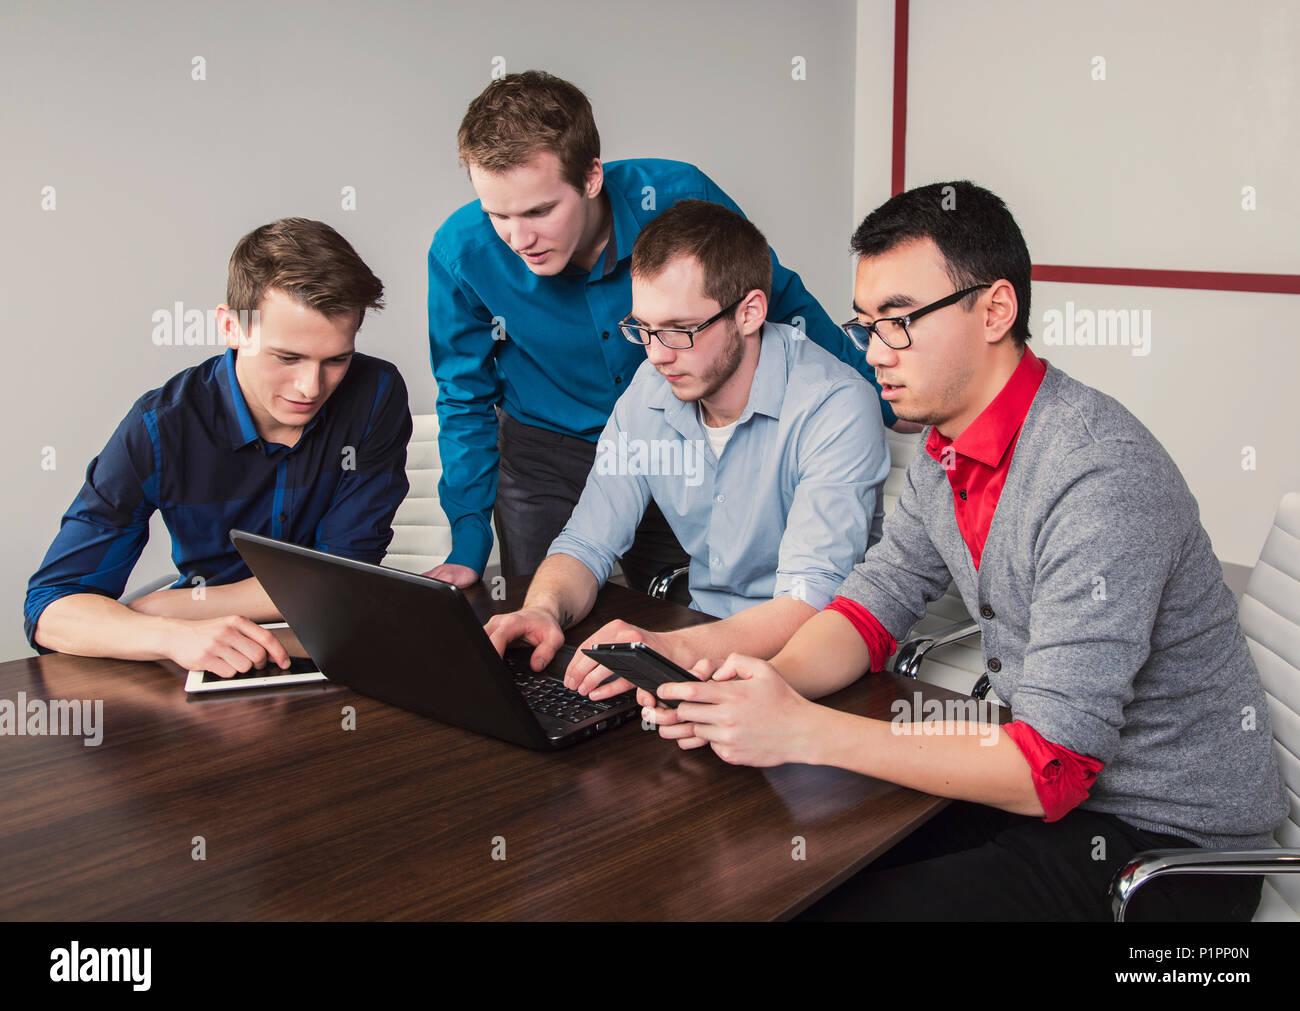 Les jeunes hommes qui sont affaires millénaire professionnels qui travaillent ensemble dans une salle de conférence dans un hôtel d'affaires moderne de haute technologie Photo Stock